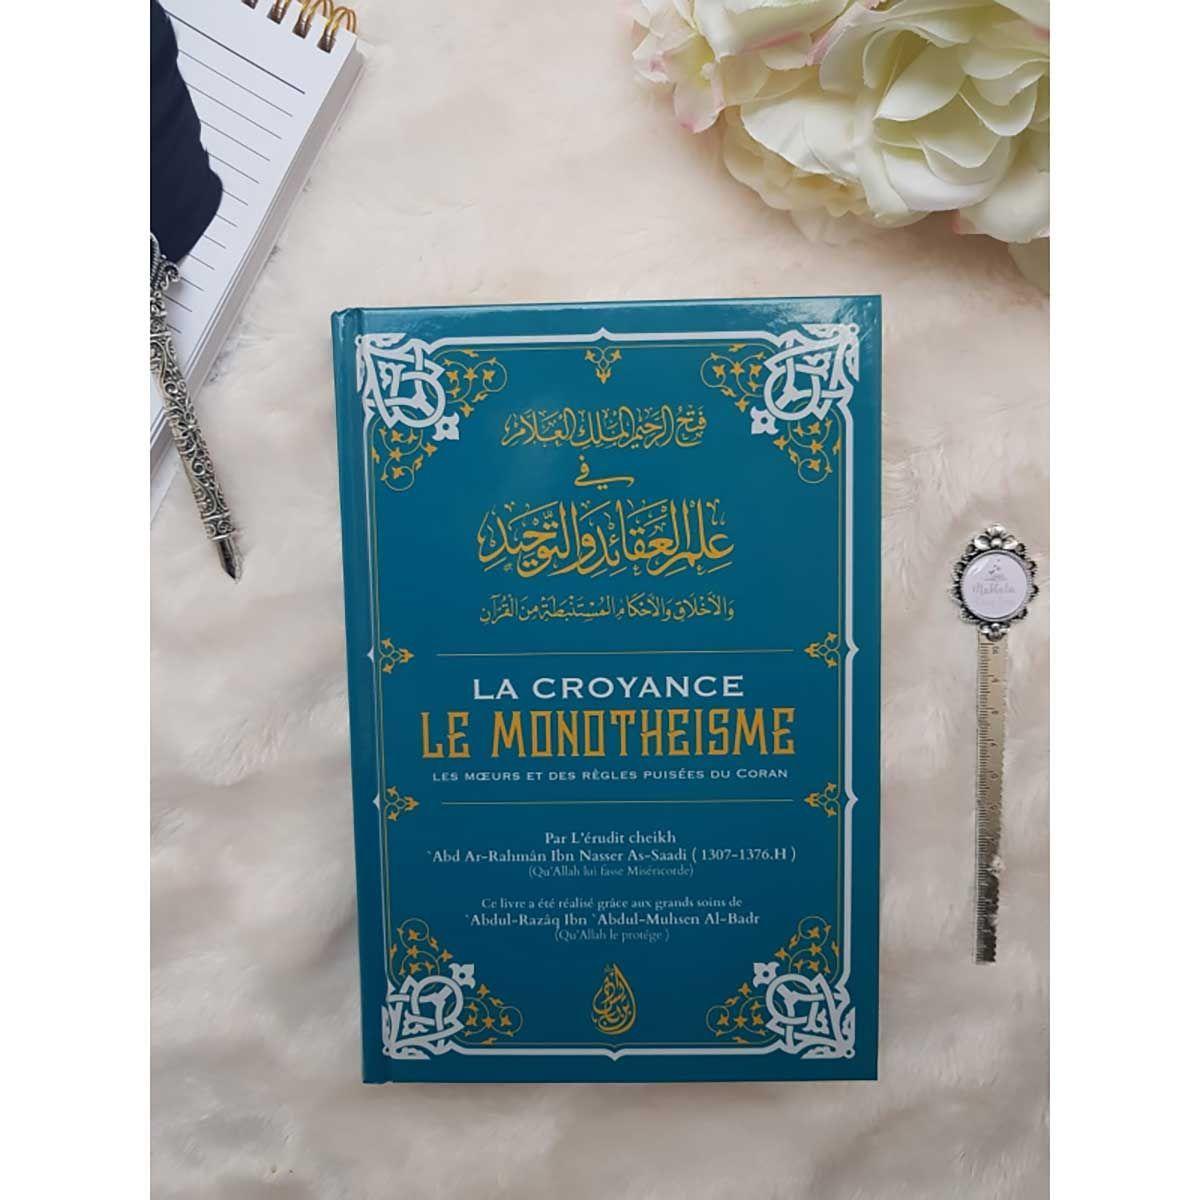 La croyance, le monothéisme, les moeurs et des règles puisées du Coran - Sheikh 'Abd Ar-Rahmân Ibn Nasser As-Sa'adi